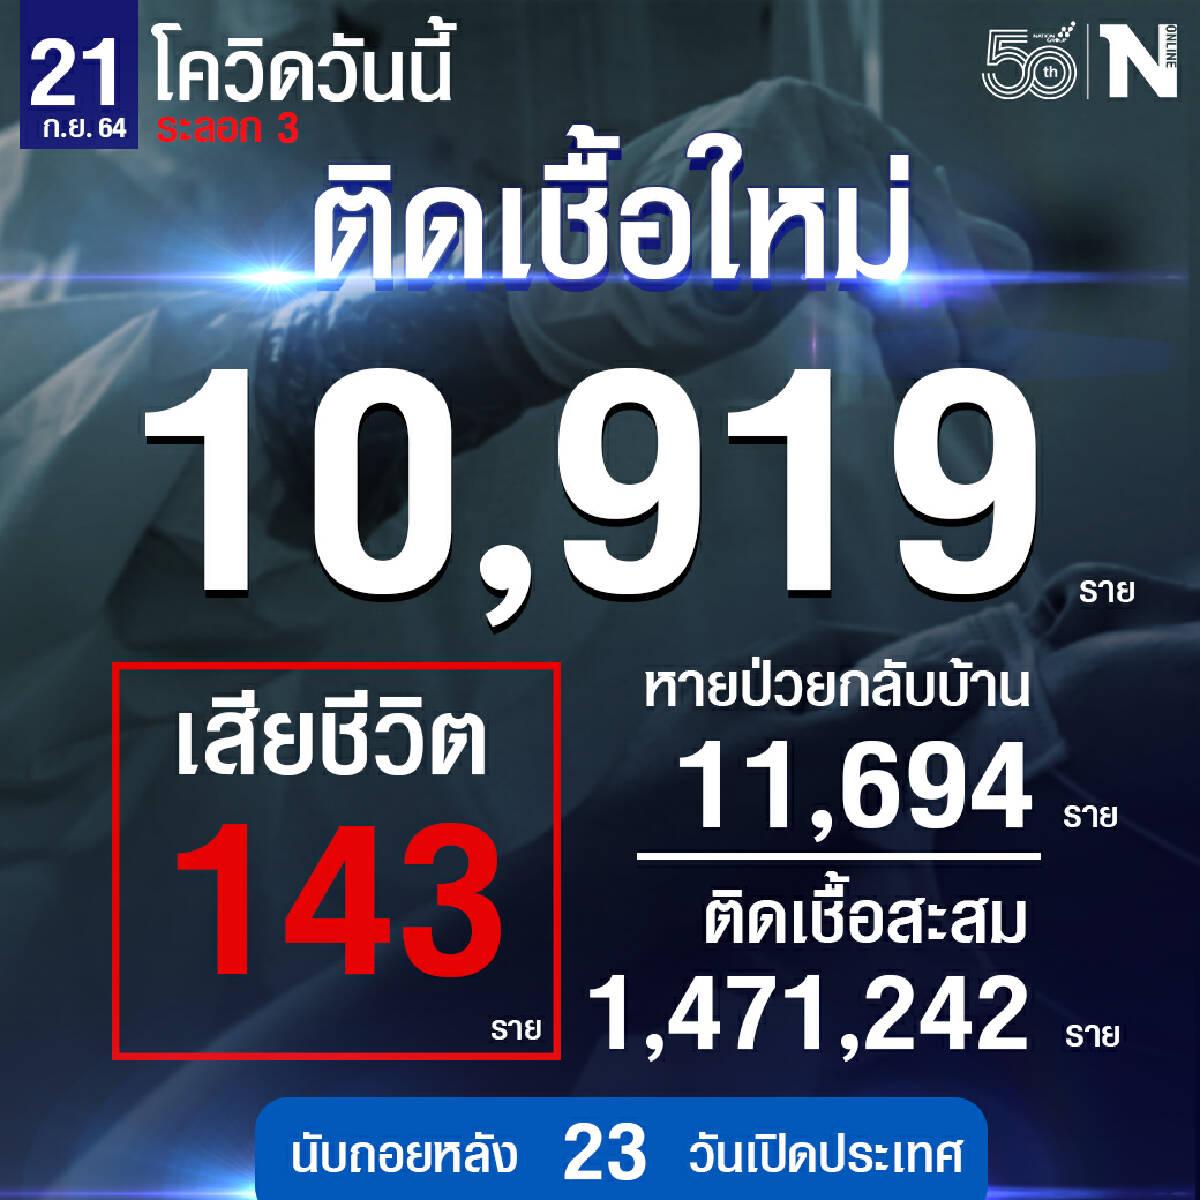 ศบค. เผย ยอดผู้ติดเชื้อวันนี้ 10,919 หายป่วย 11,694 เสียชีวิต 143 ราย